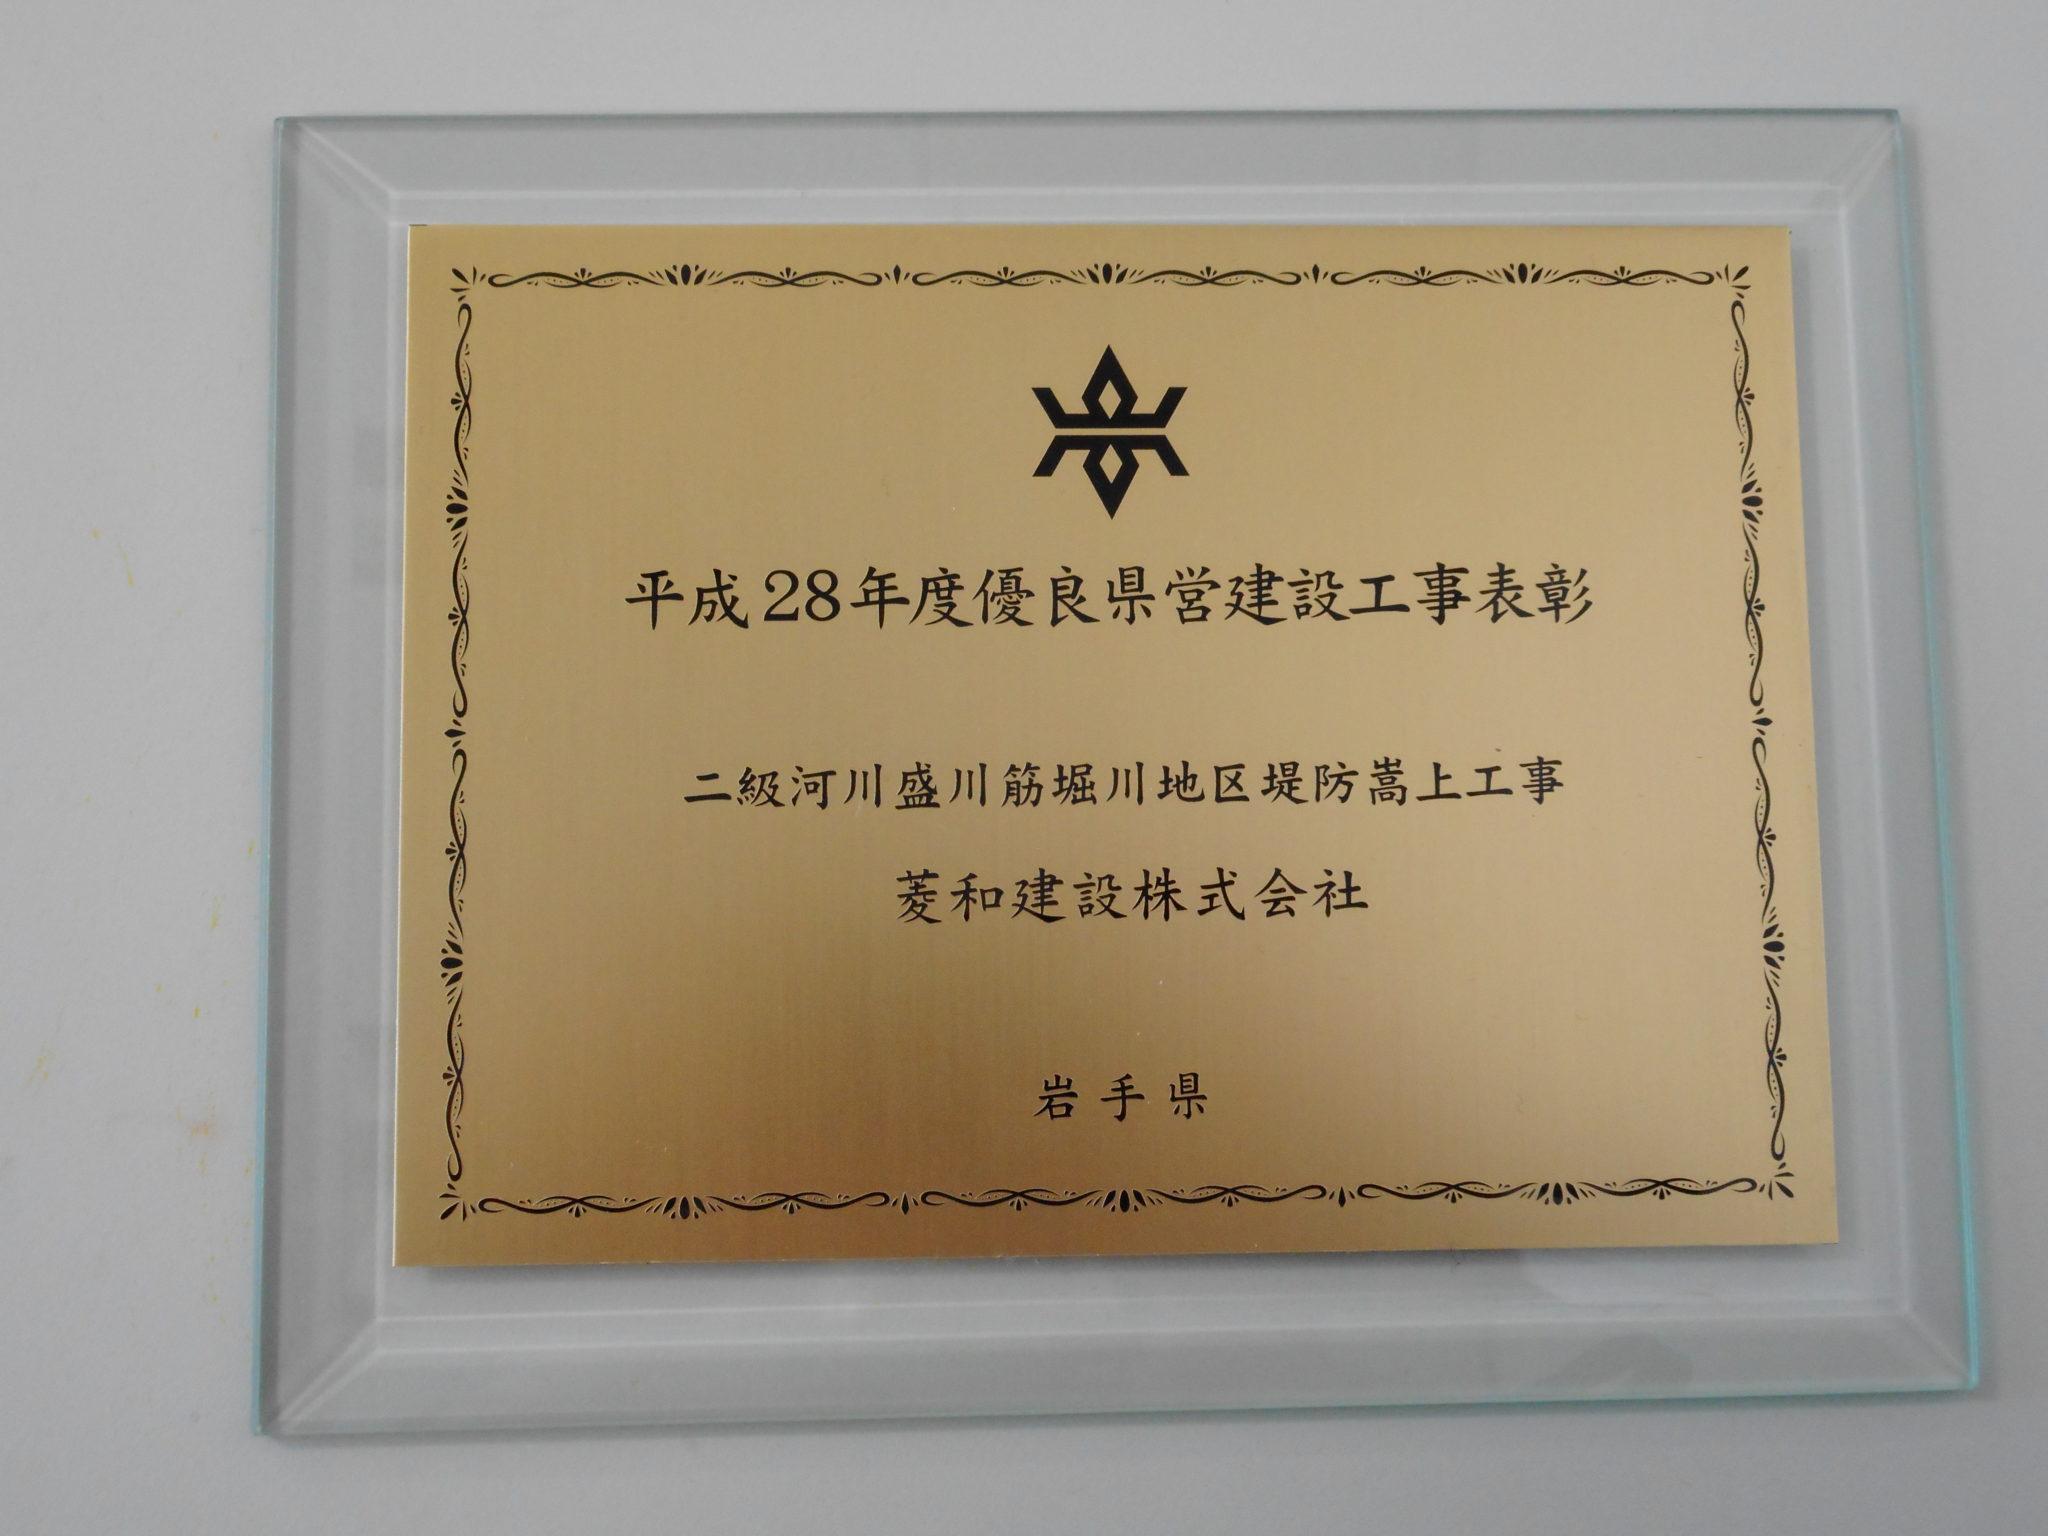 平成28年度優良県営建設工事表彰